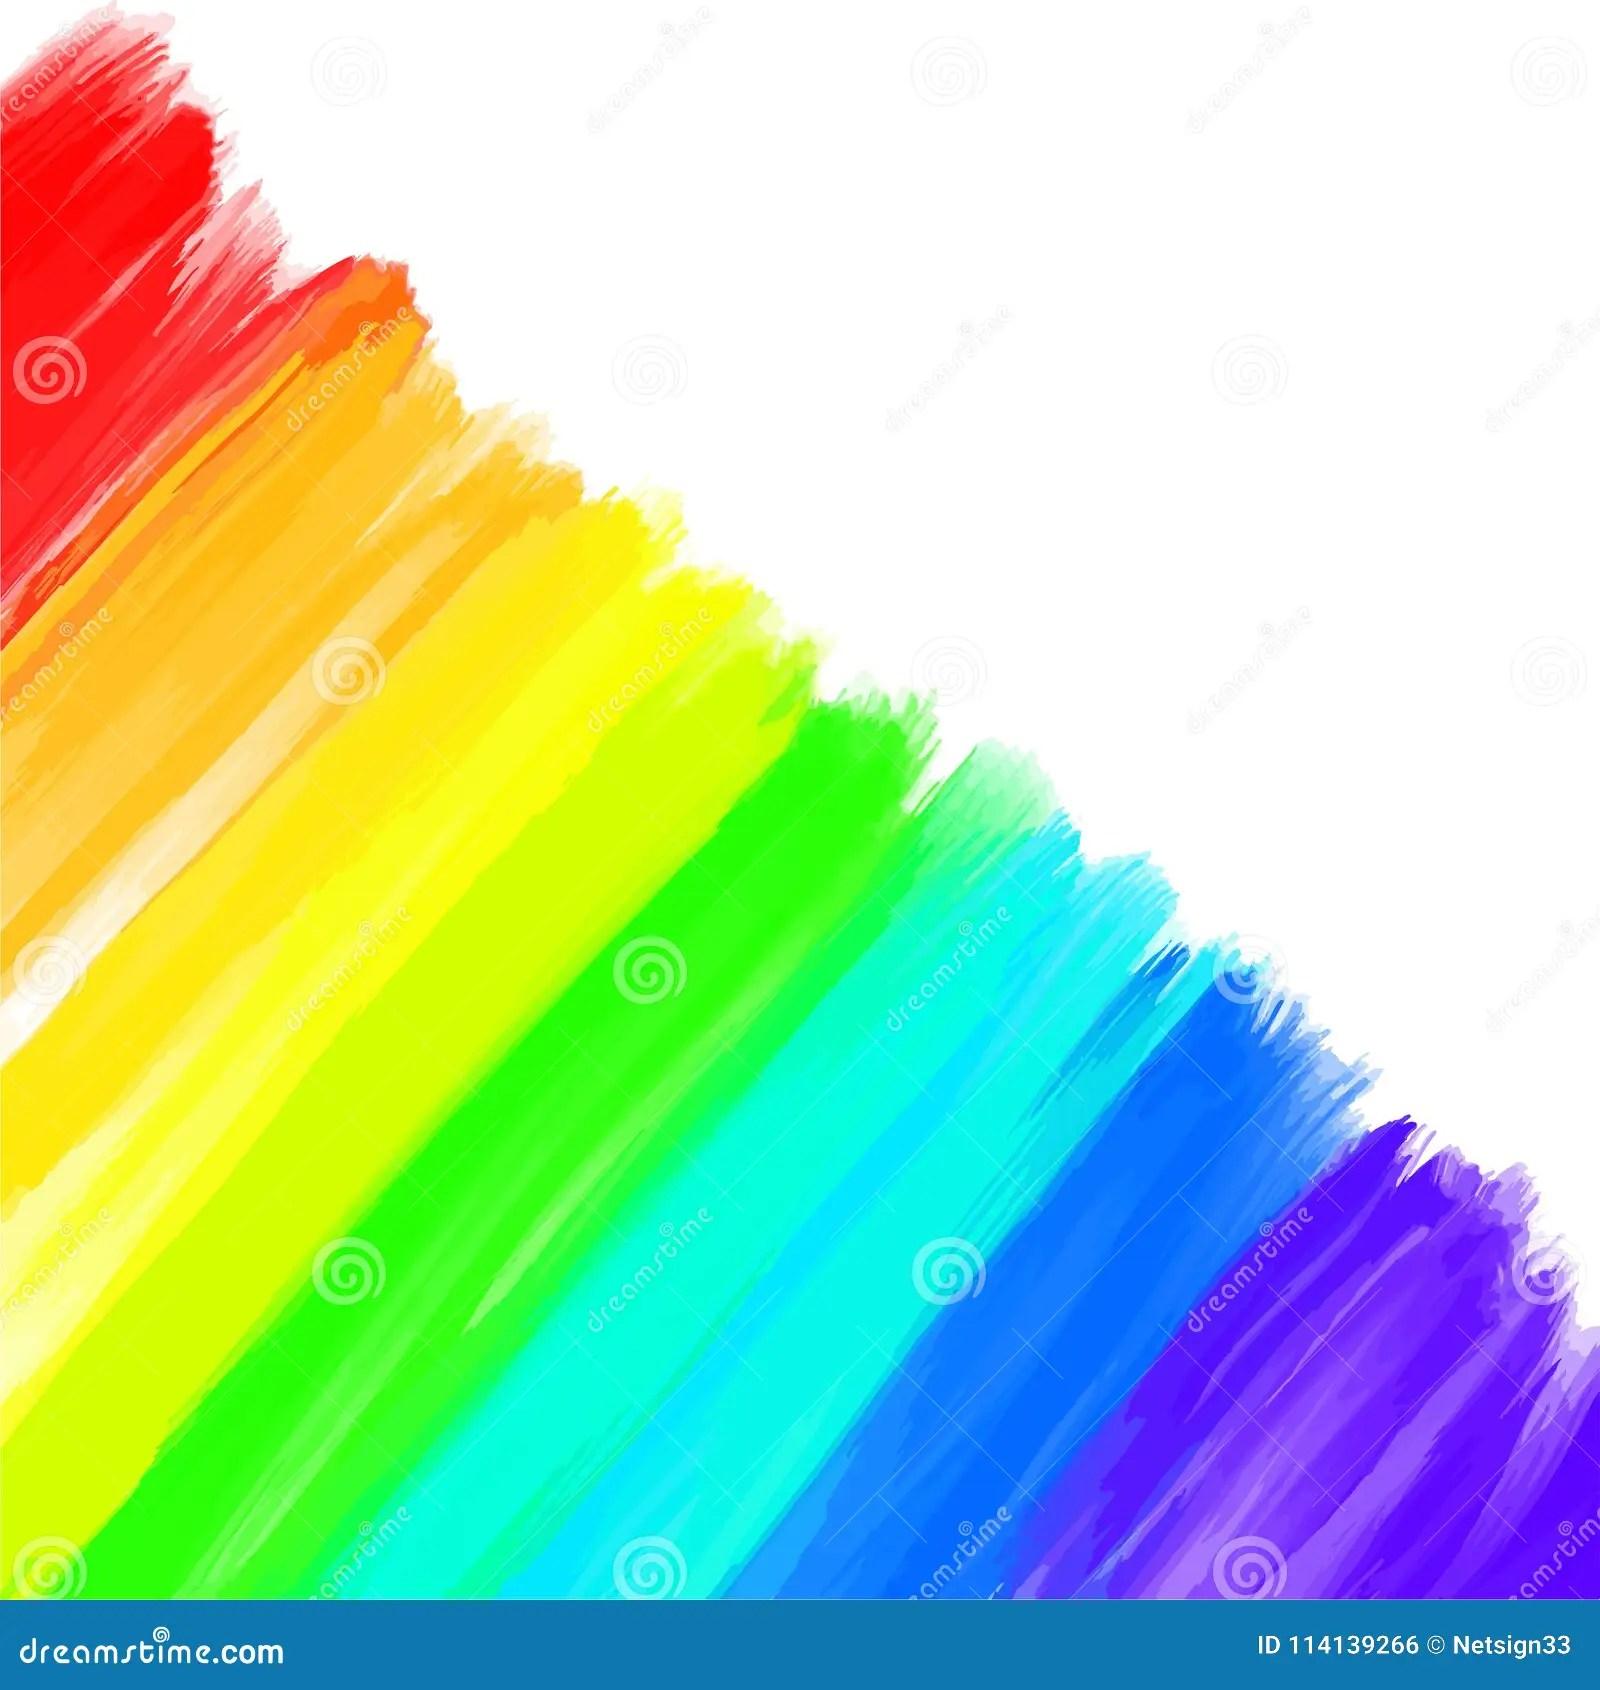 好的彩虹色的背景沖程集合 向量例證. 插畫 包括有 例證, 顏色, 墨水, 藝術性, 代理, 裝飾, 五顏六色 - 114139266